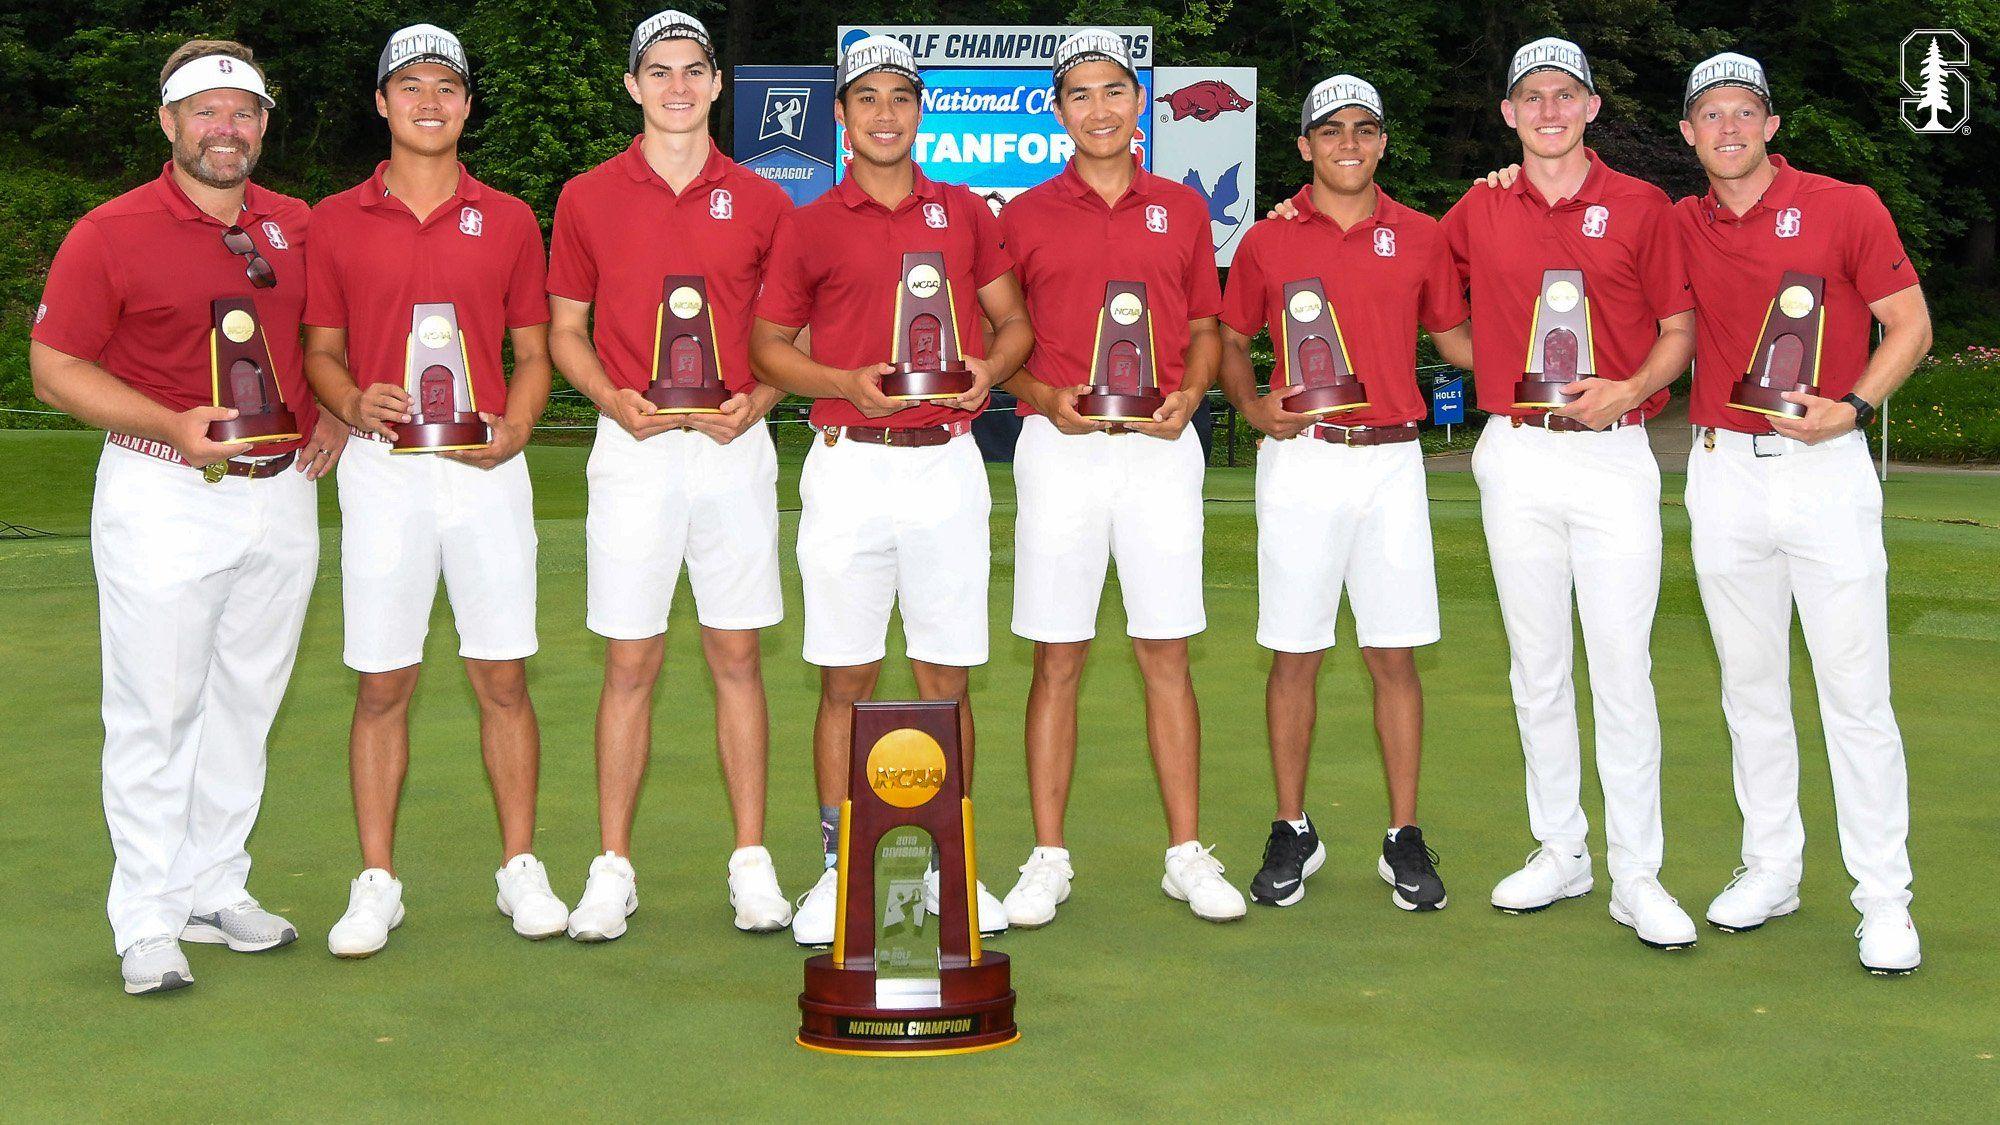 Stanford men's golf team